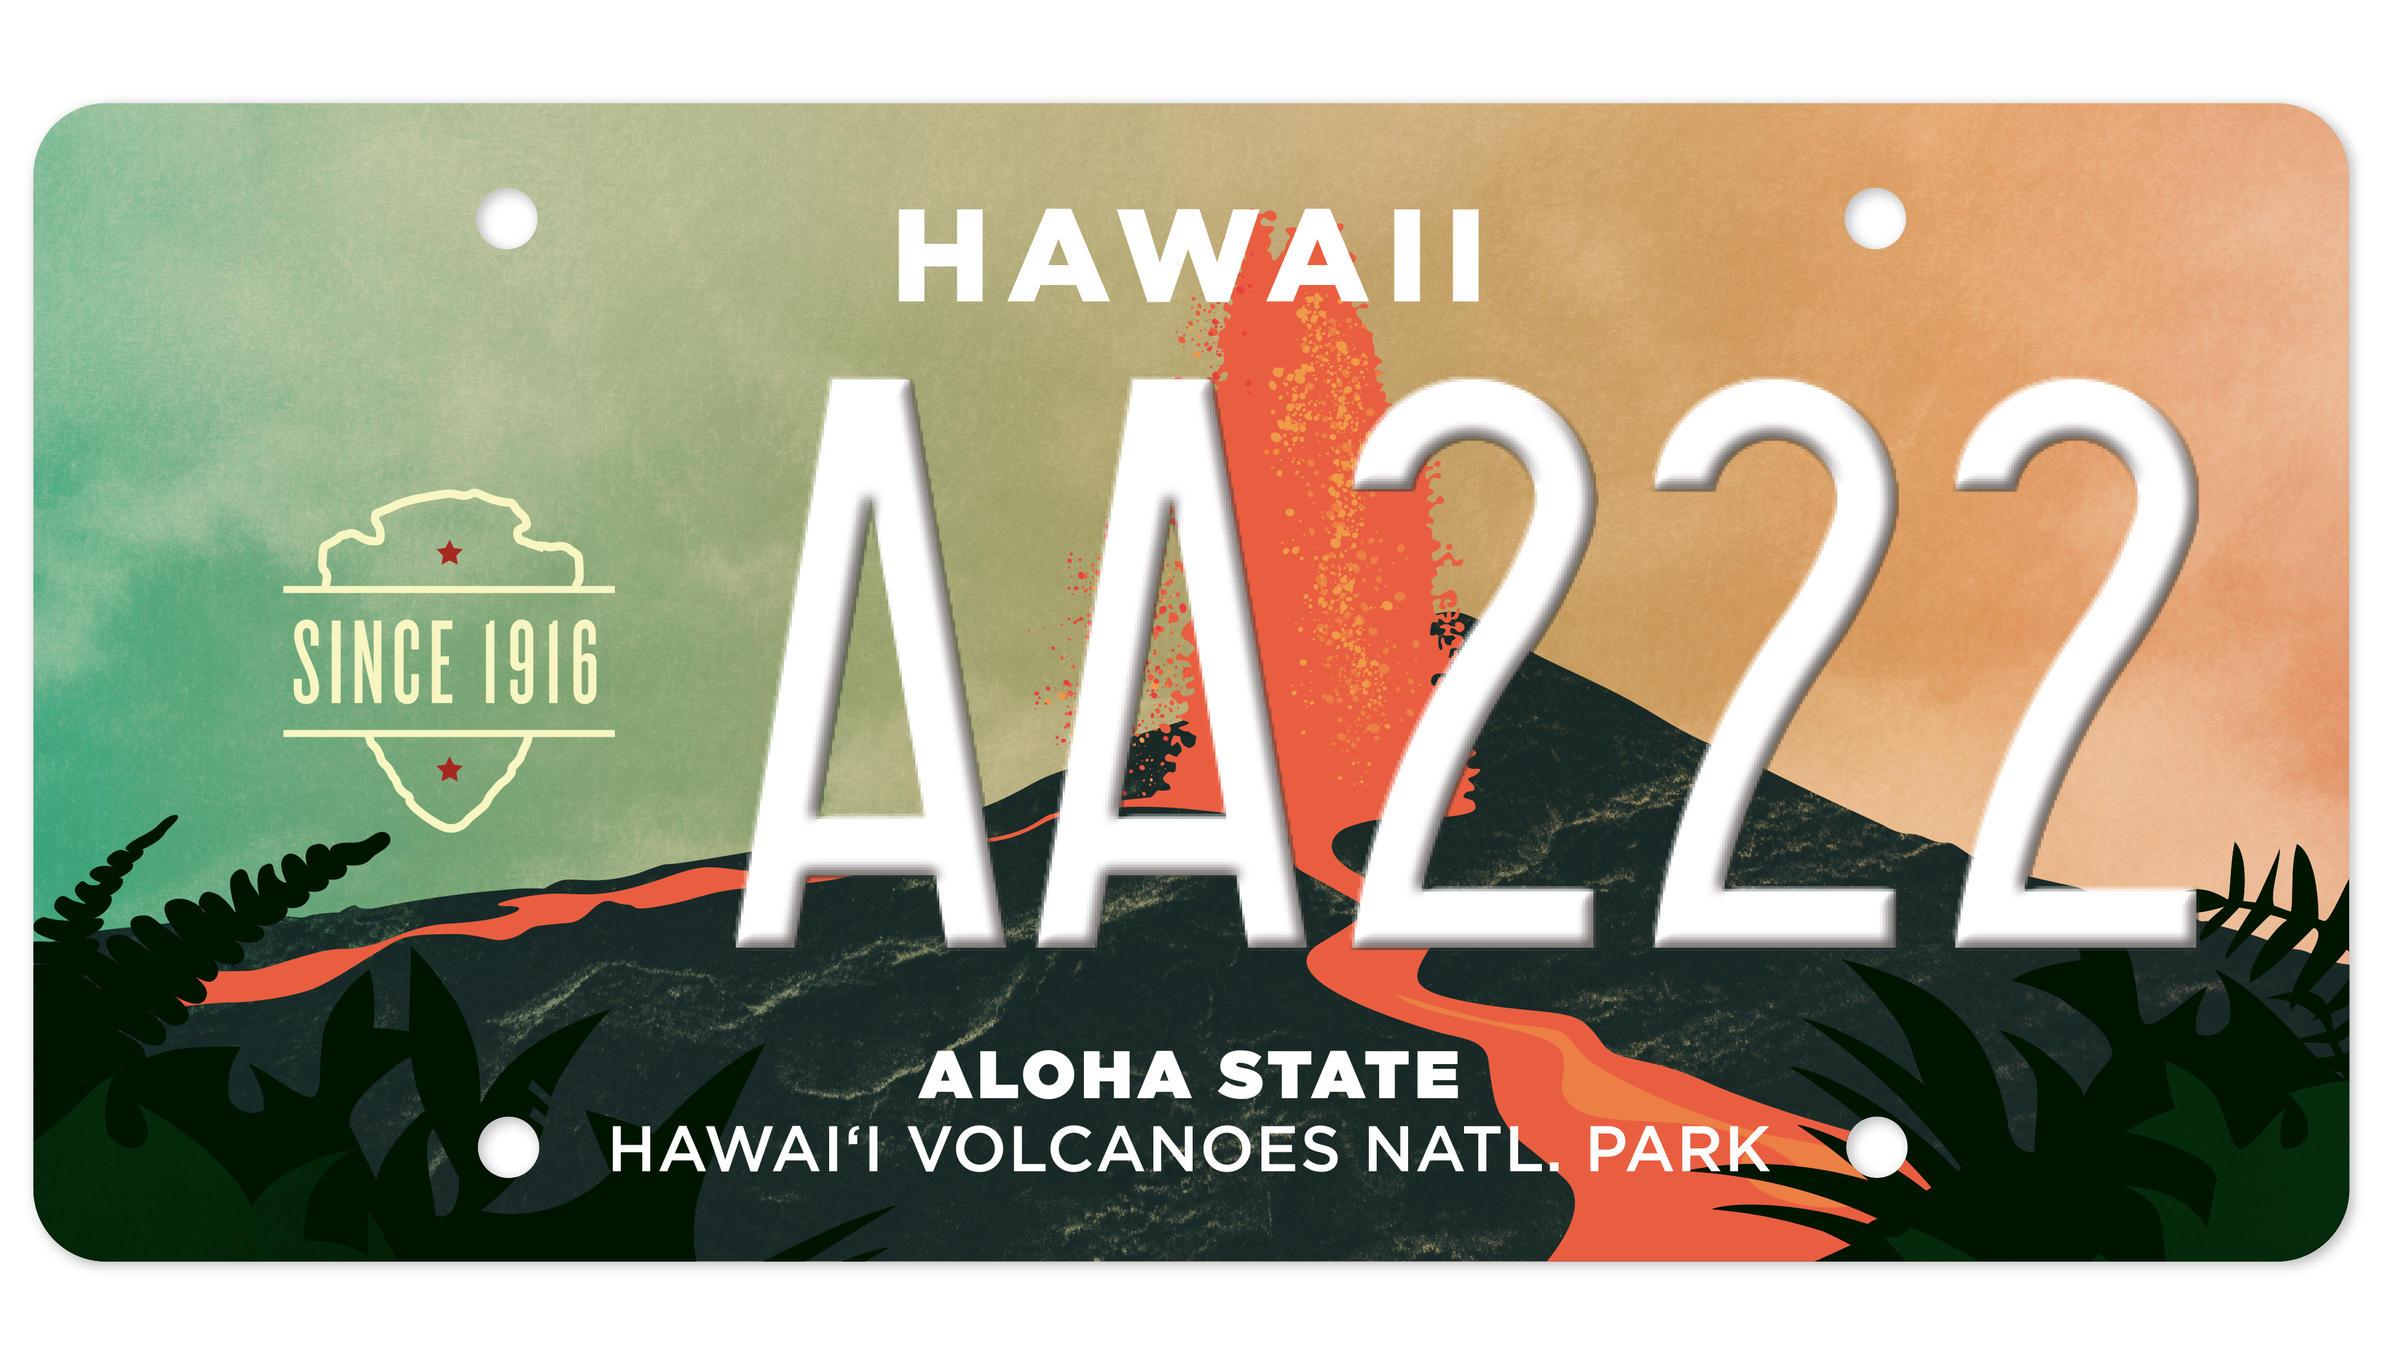 Hawaii Volcano News